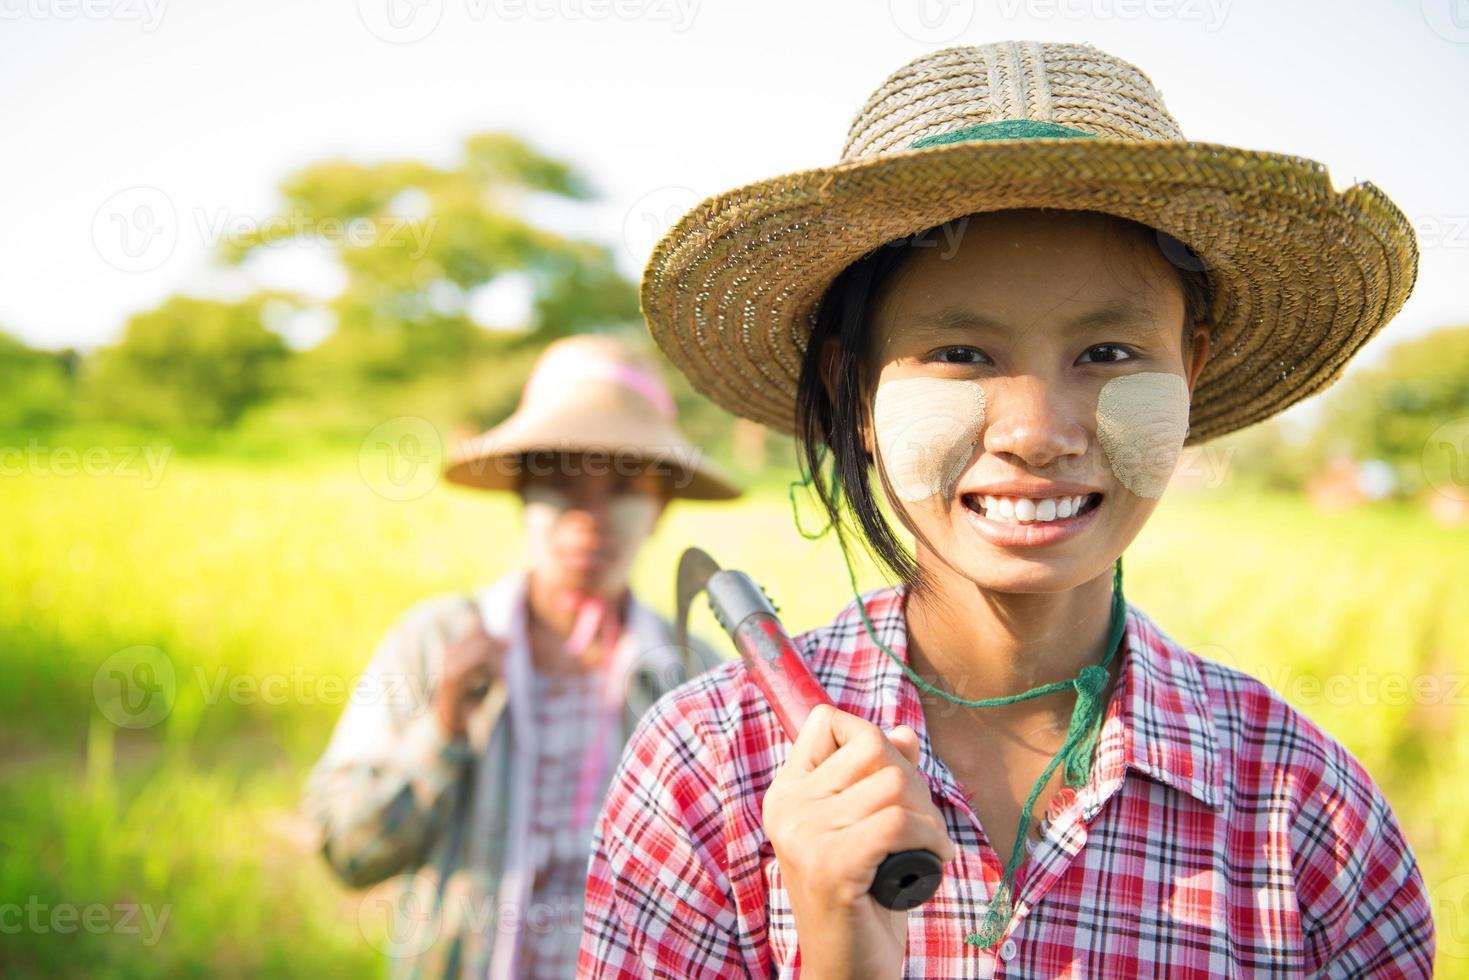 fermier traditionnel asiatique myanmar photo